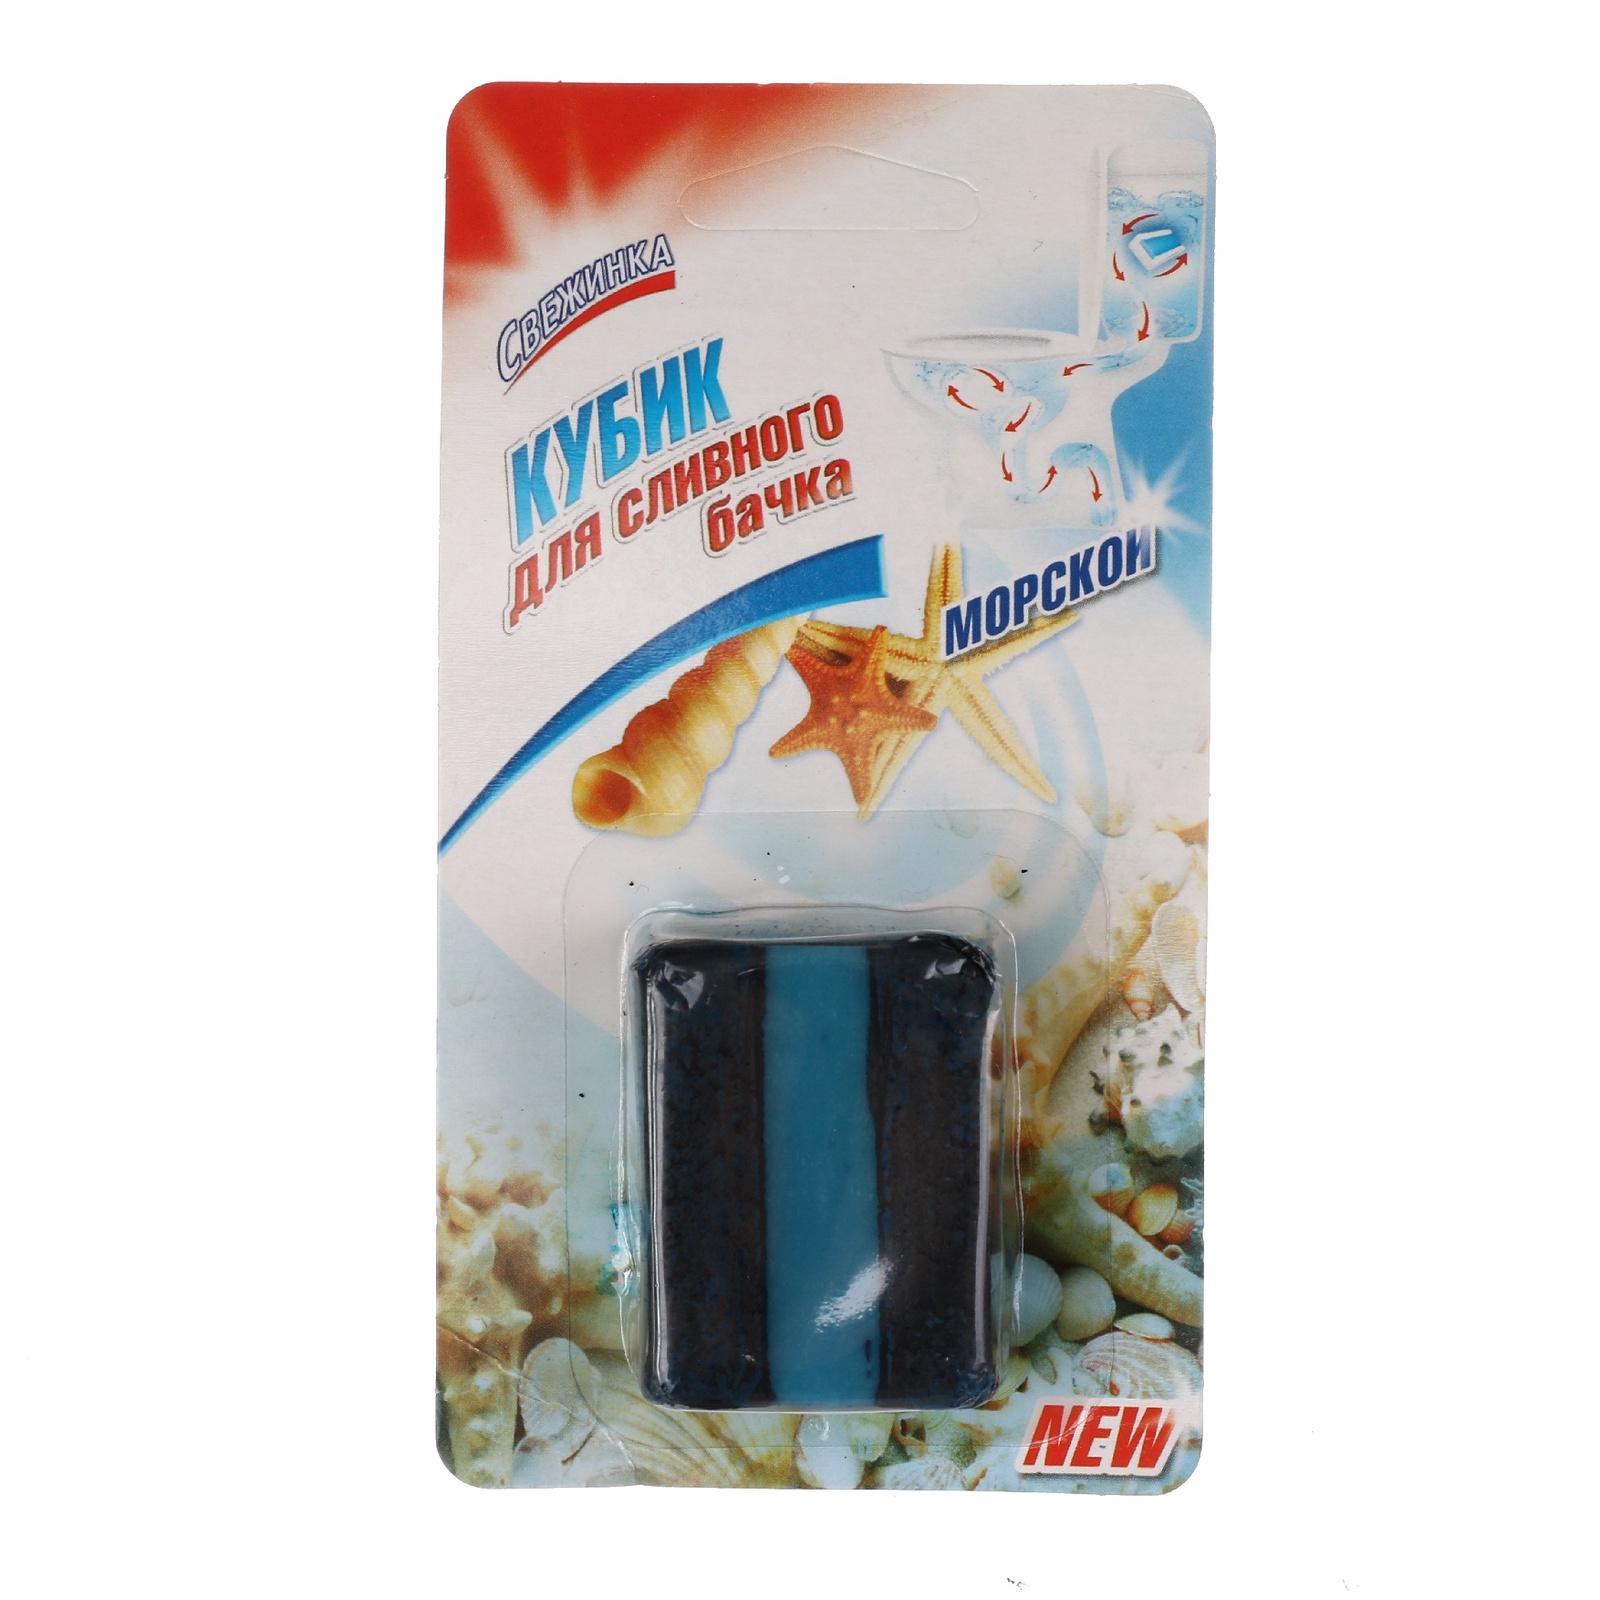 Средство для ванной и туалета Свежинка 3052 таблетка для сливного бачка antella океан